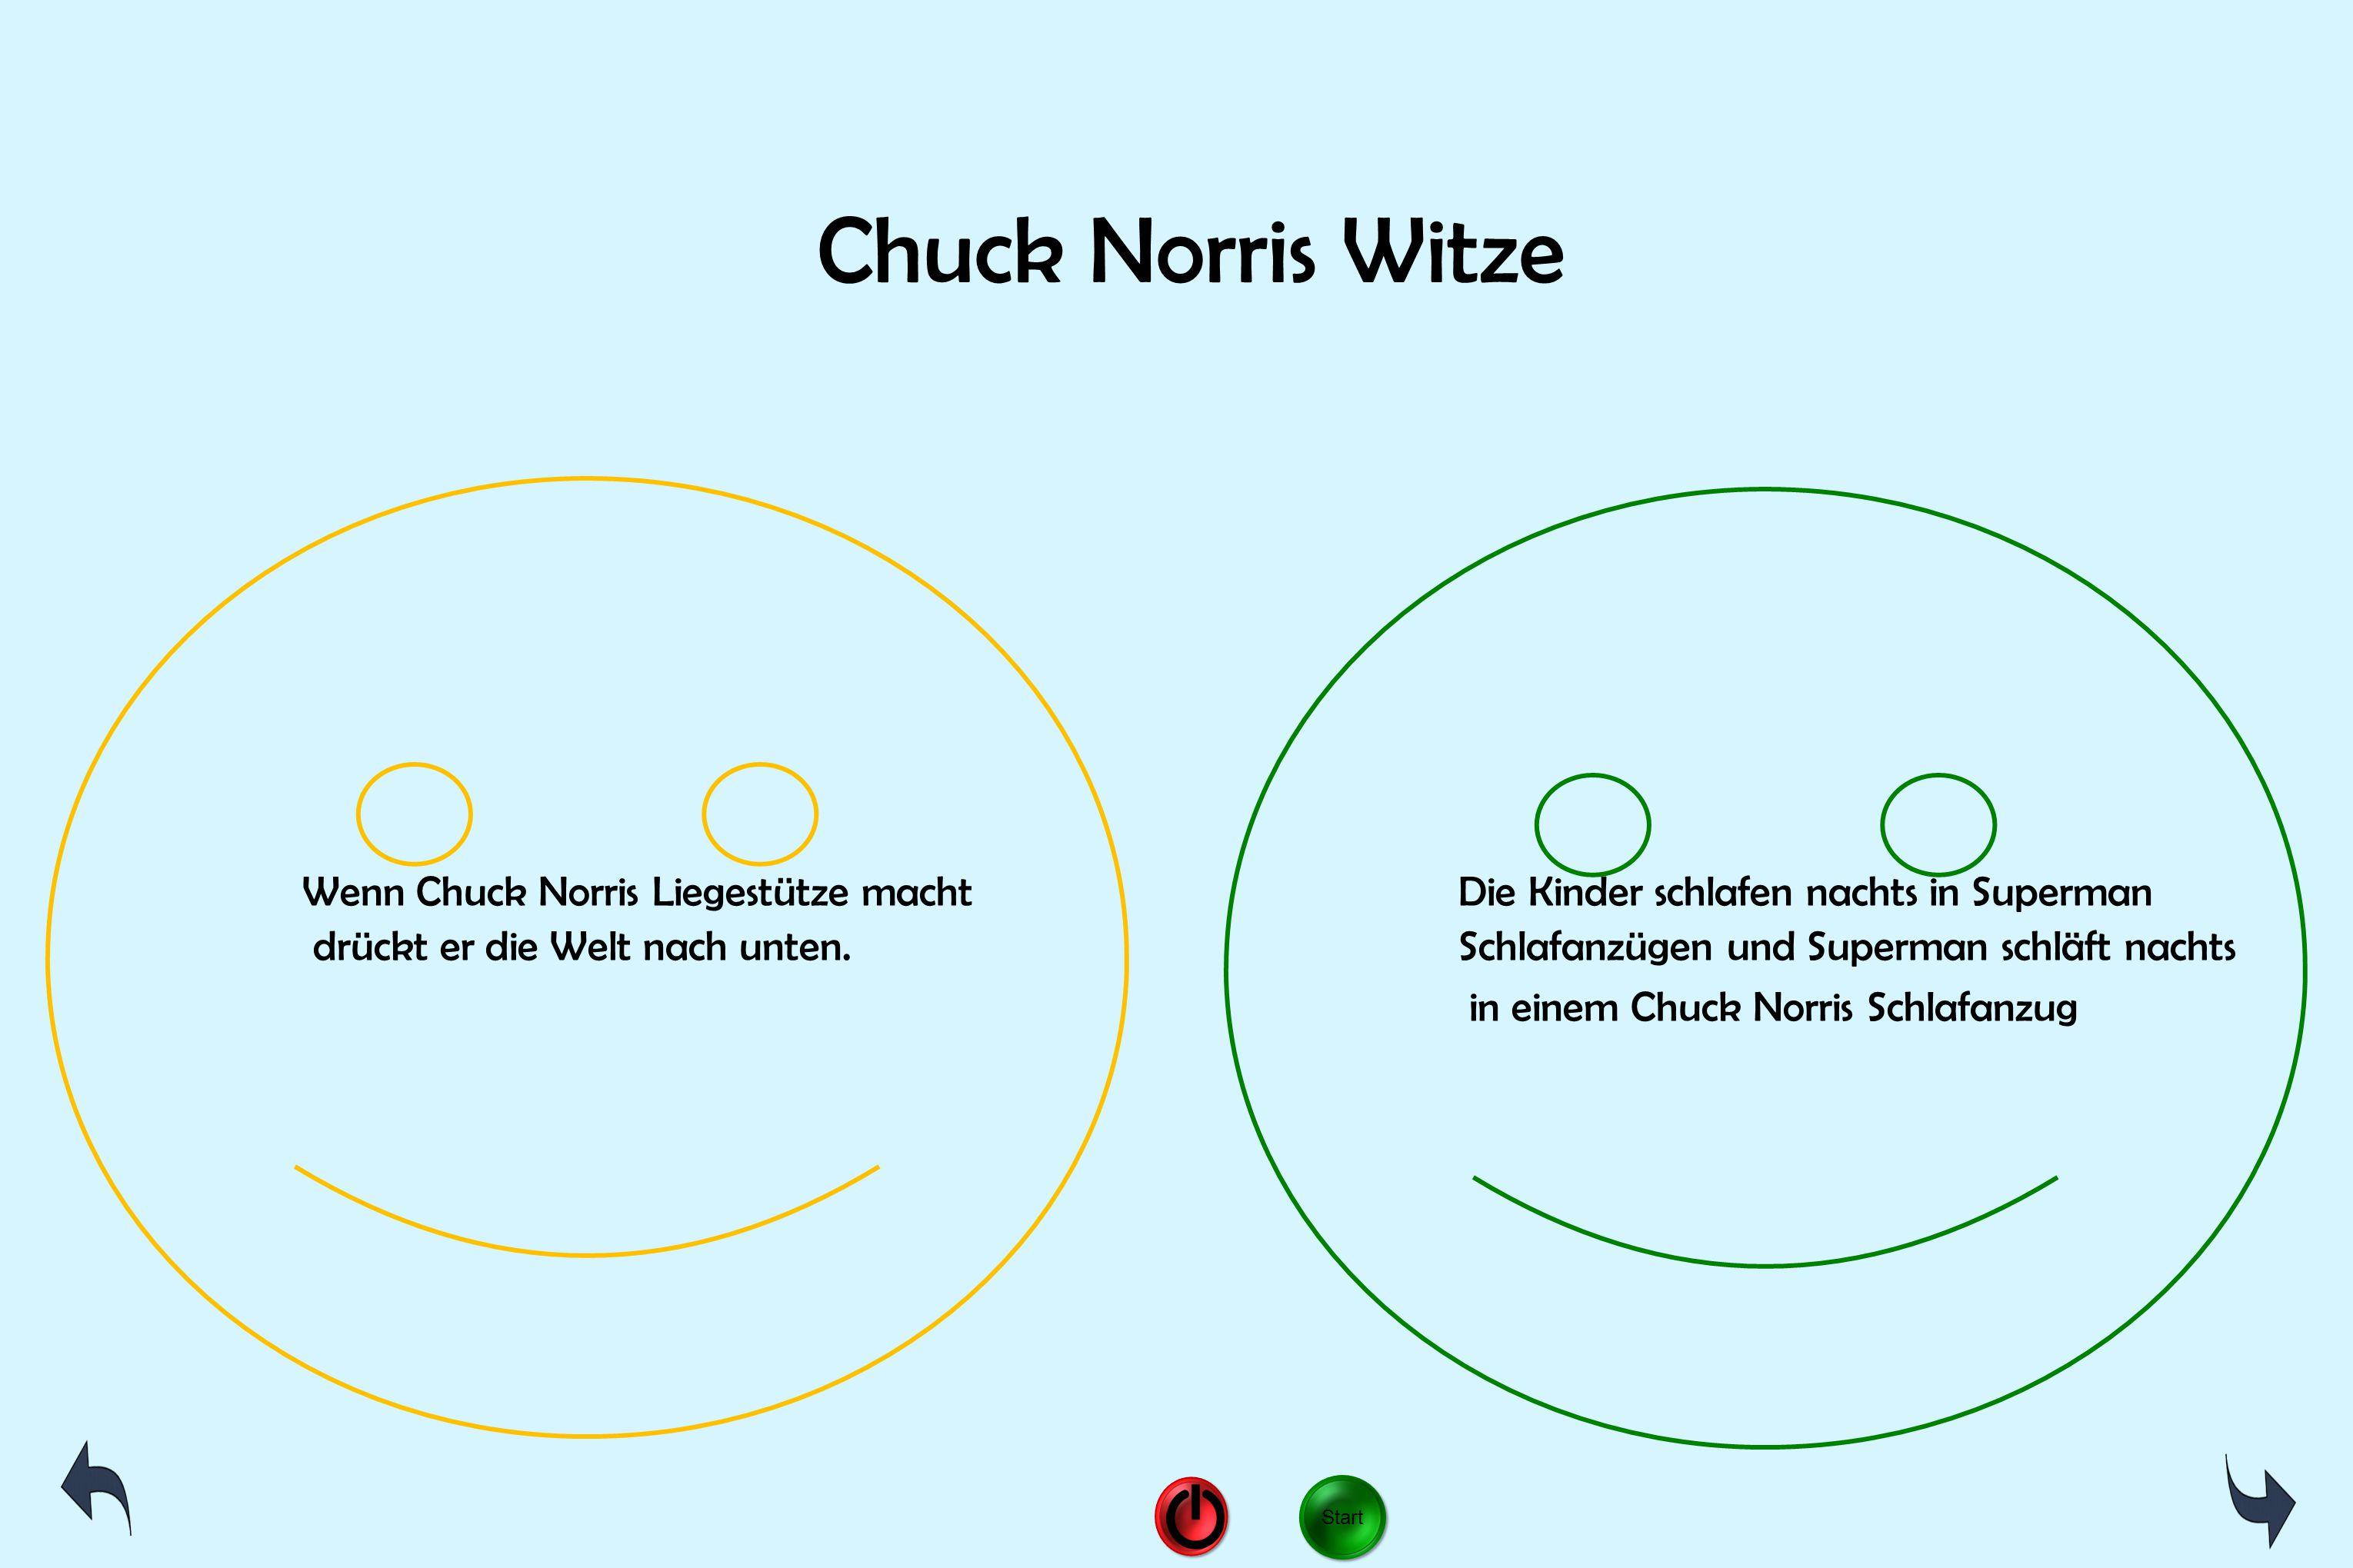 Chuck Norris Witze Wenn Chuck Norris Liegestütze macht Die Kinder schlafen nachts in Superman drückt er die Welt nach unten. Schlafanzügen und Superma